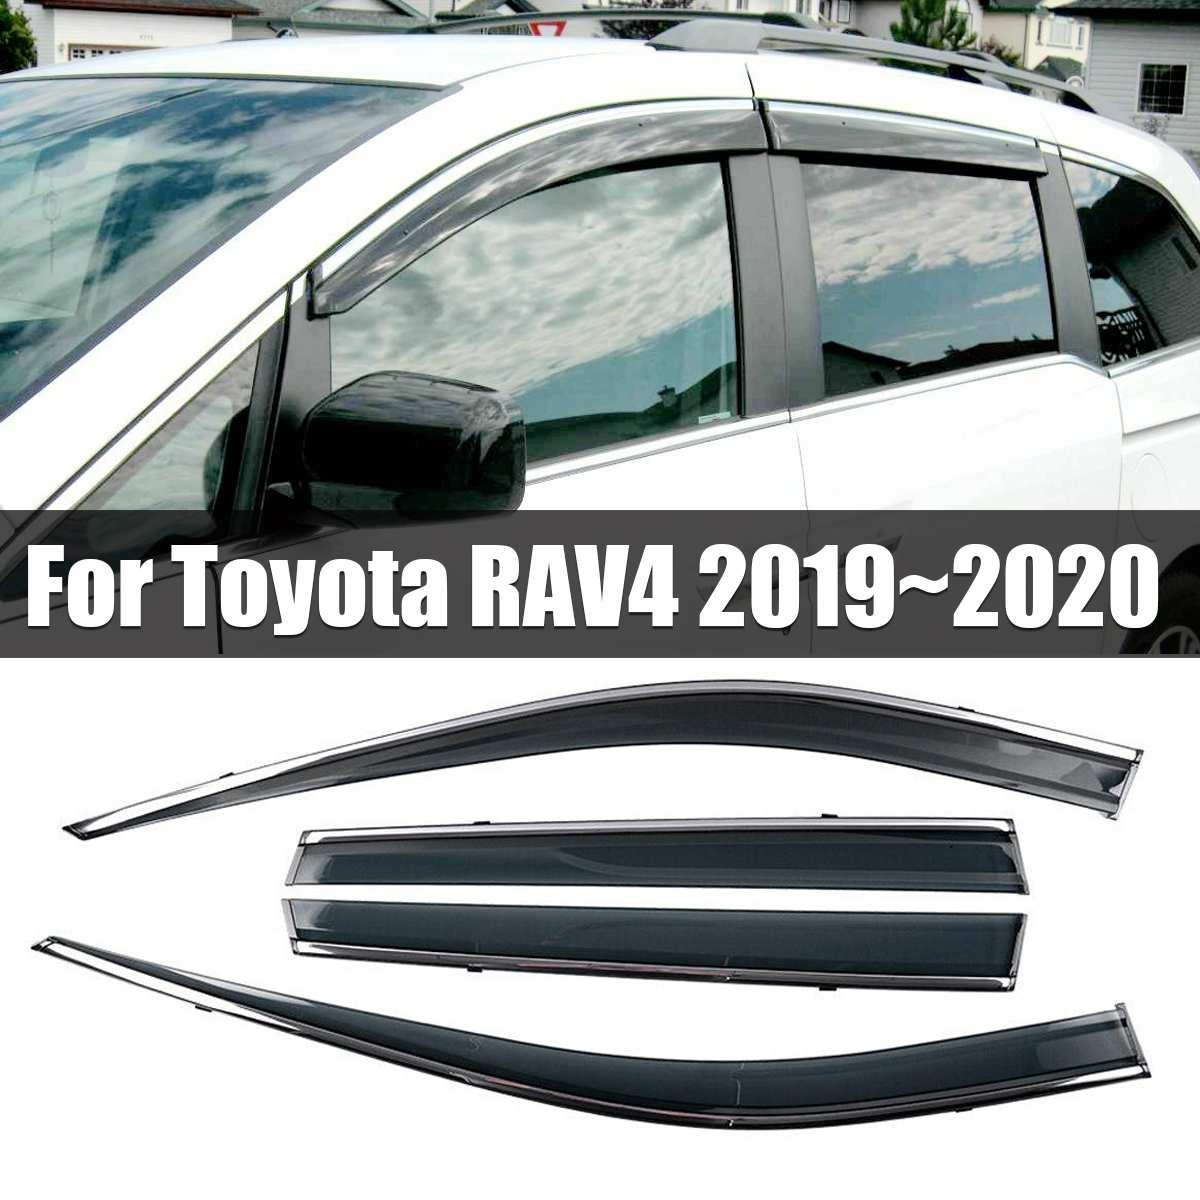 NOUVEAU 4 pièces Fenêtre Visière déflecteur de Pluie Garde garnitures chromées Évent Pare-Soleil Déflecteurs Pour Toyota RAV4 2019 ~ 2020